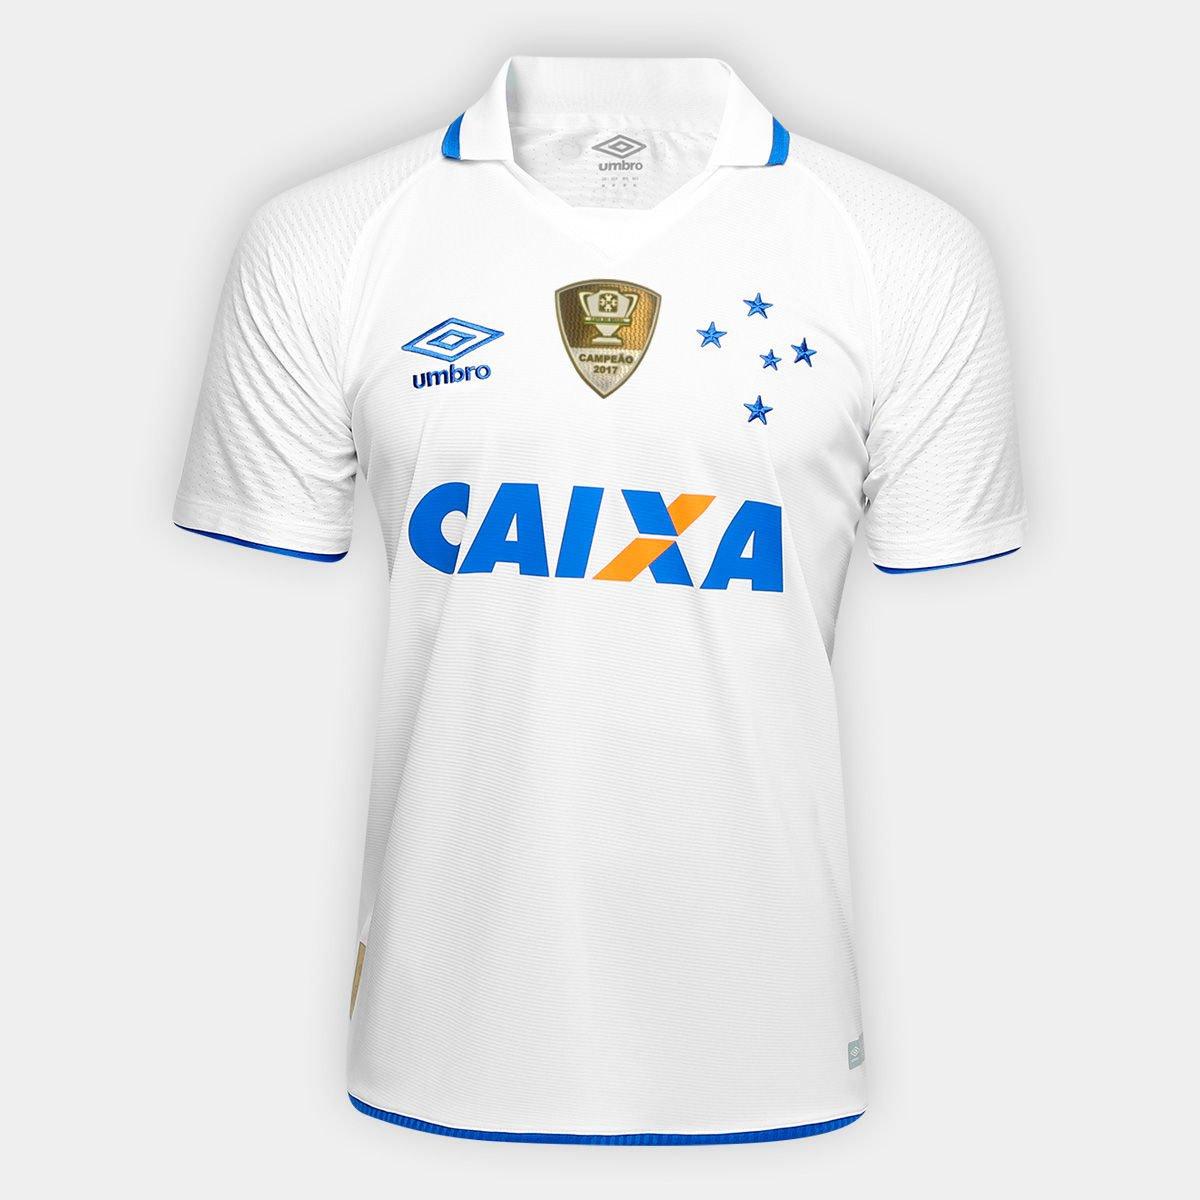 Camisa Cruzeiro II 17 18 s nº - Patch Campeão da Copa do Brasil Torcedor  Umbro Masculina - Compre Agora  86c5d63d27d3e